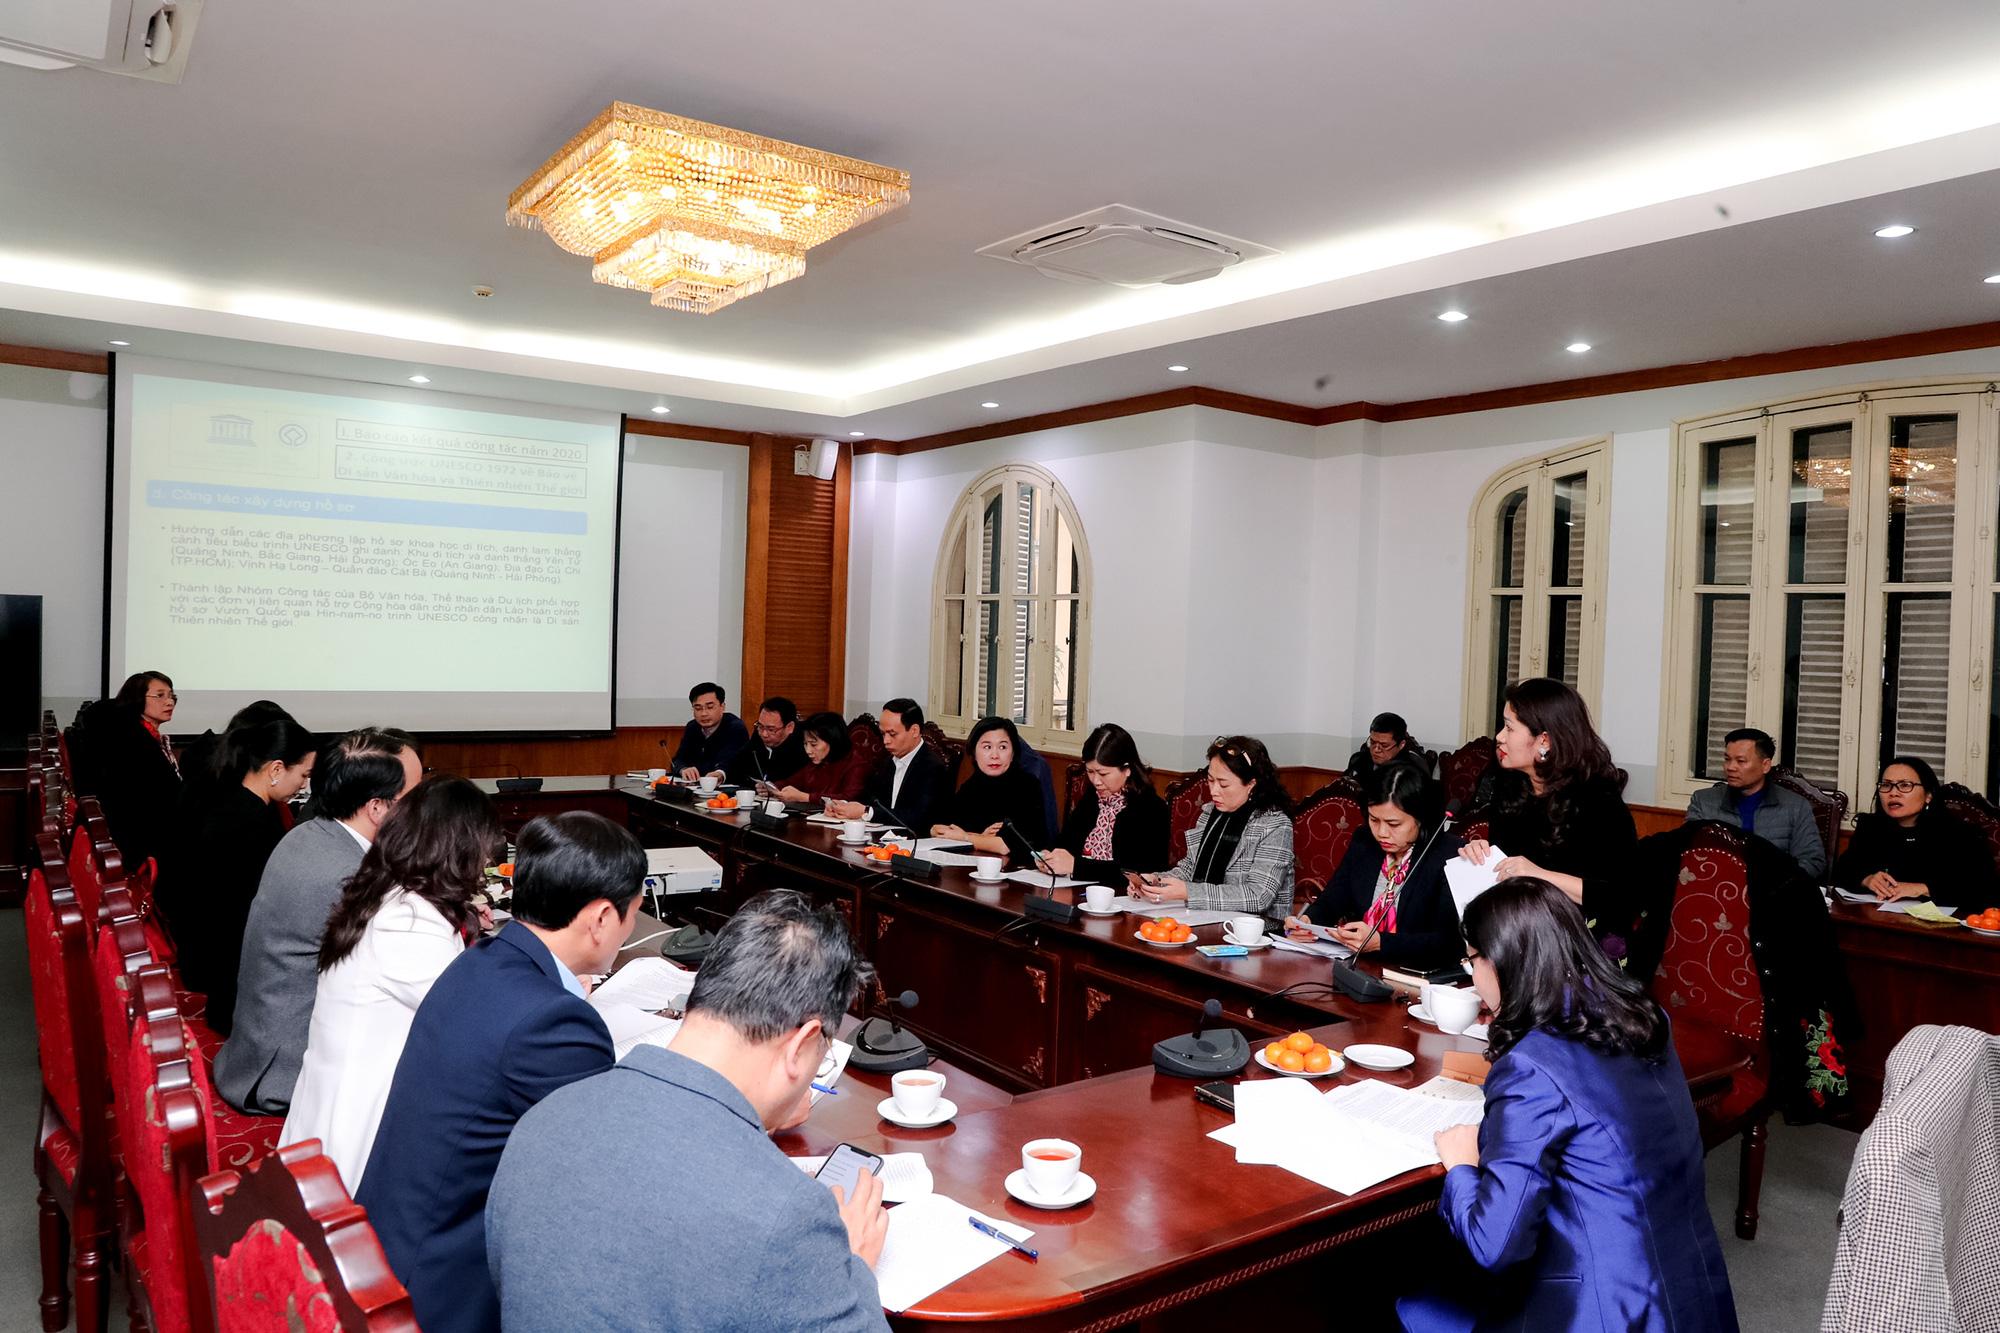 Tiểu ban Văn hóa (Ủy ban Quốc gia UNESCO Việt Nam) họp tổng kết công tác năm 2020 và trao đổi định hướng công tác năm 2021 - Ảnh 1.